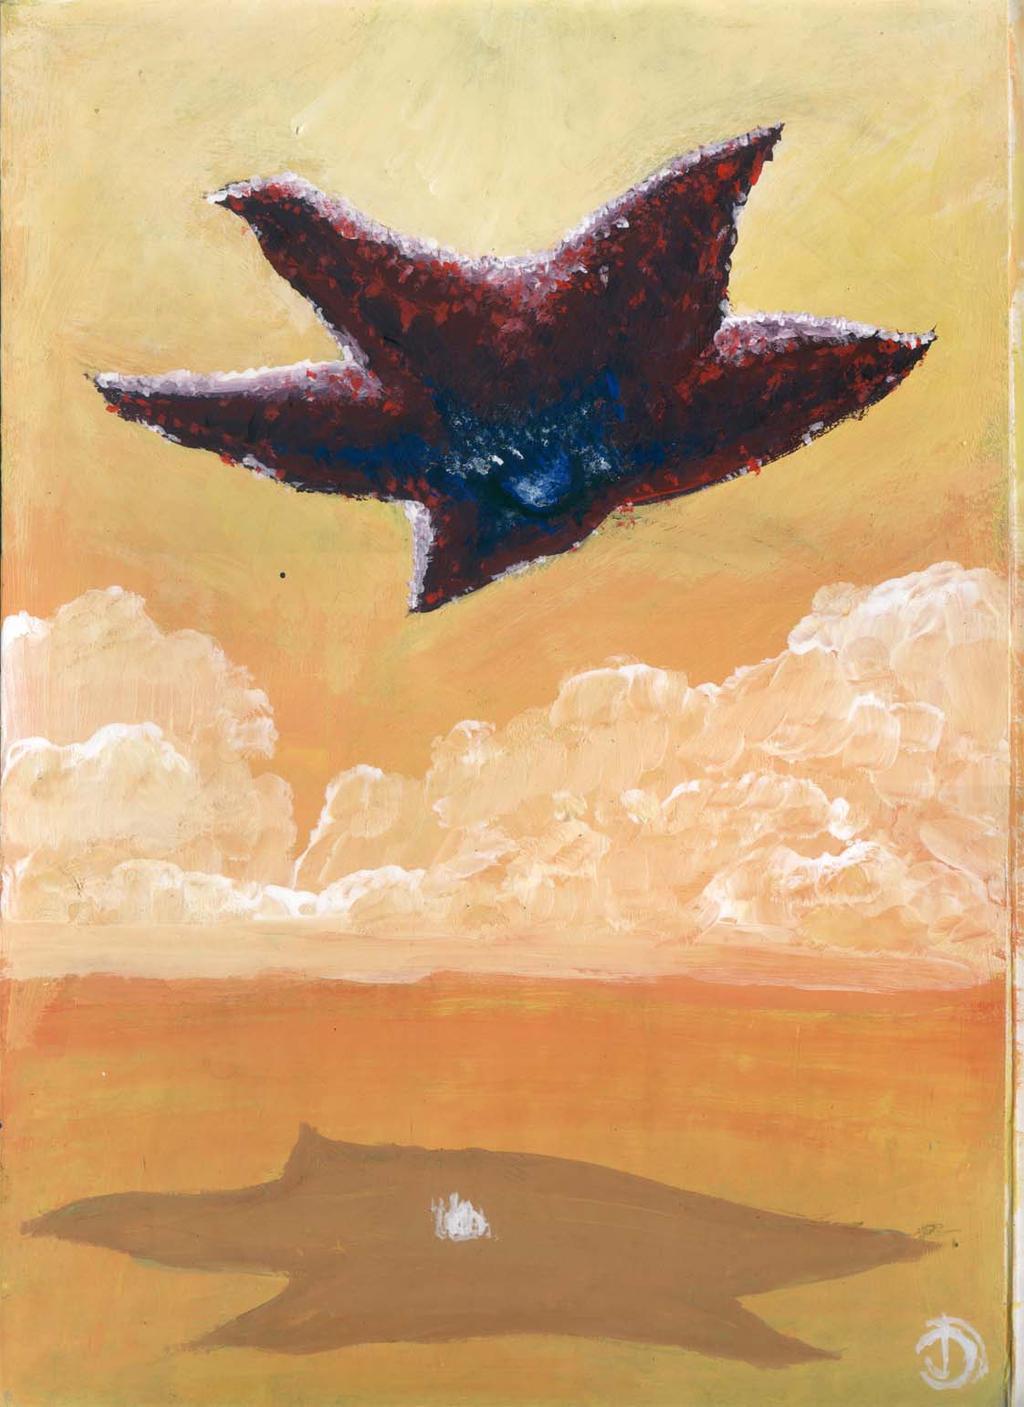 SanEspina Starro color by santiagocomics